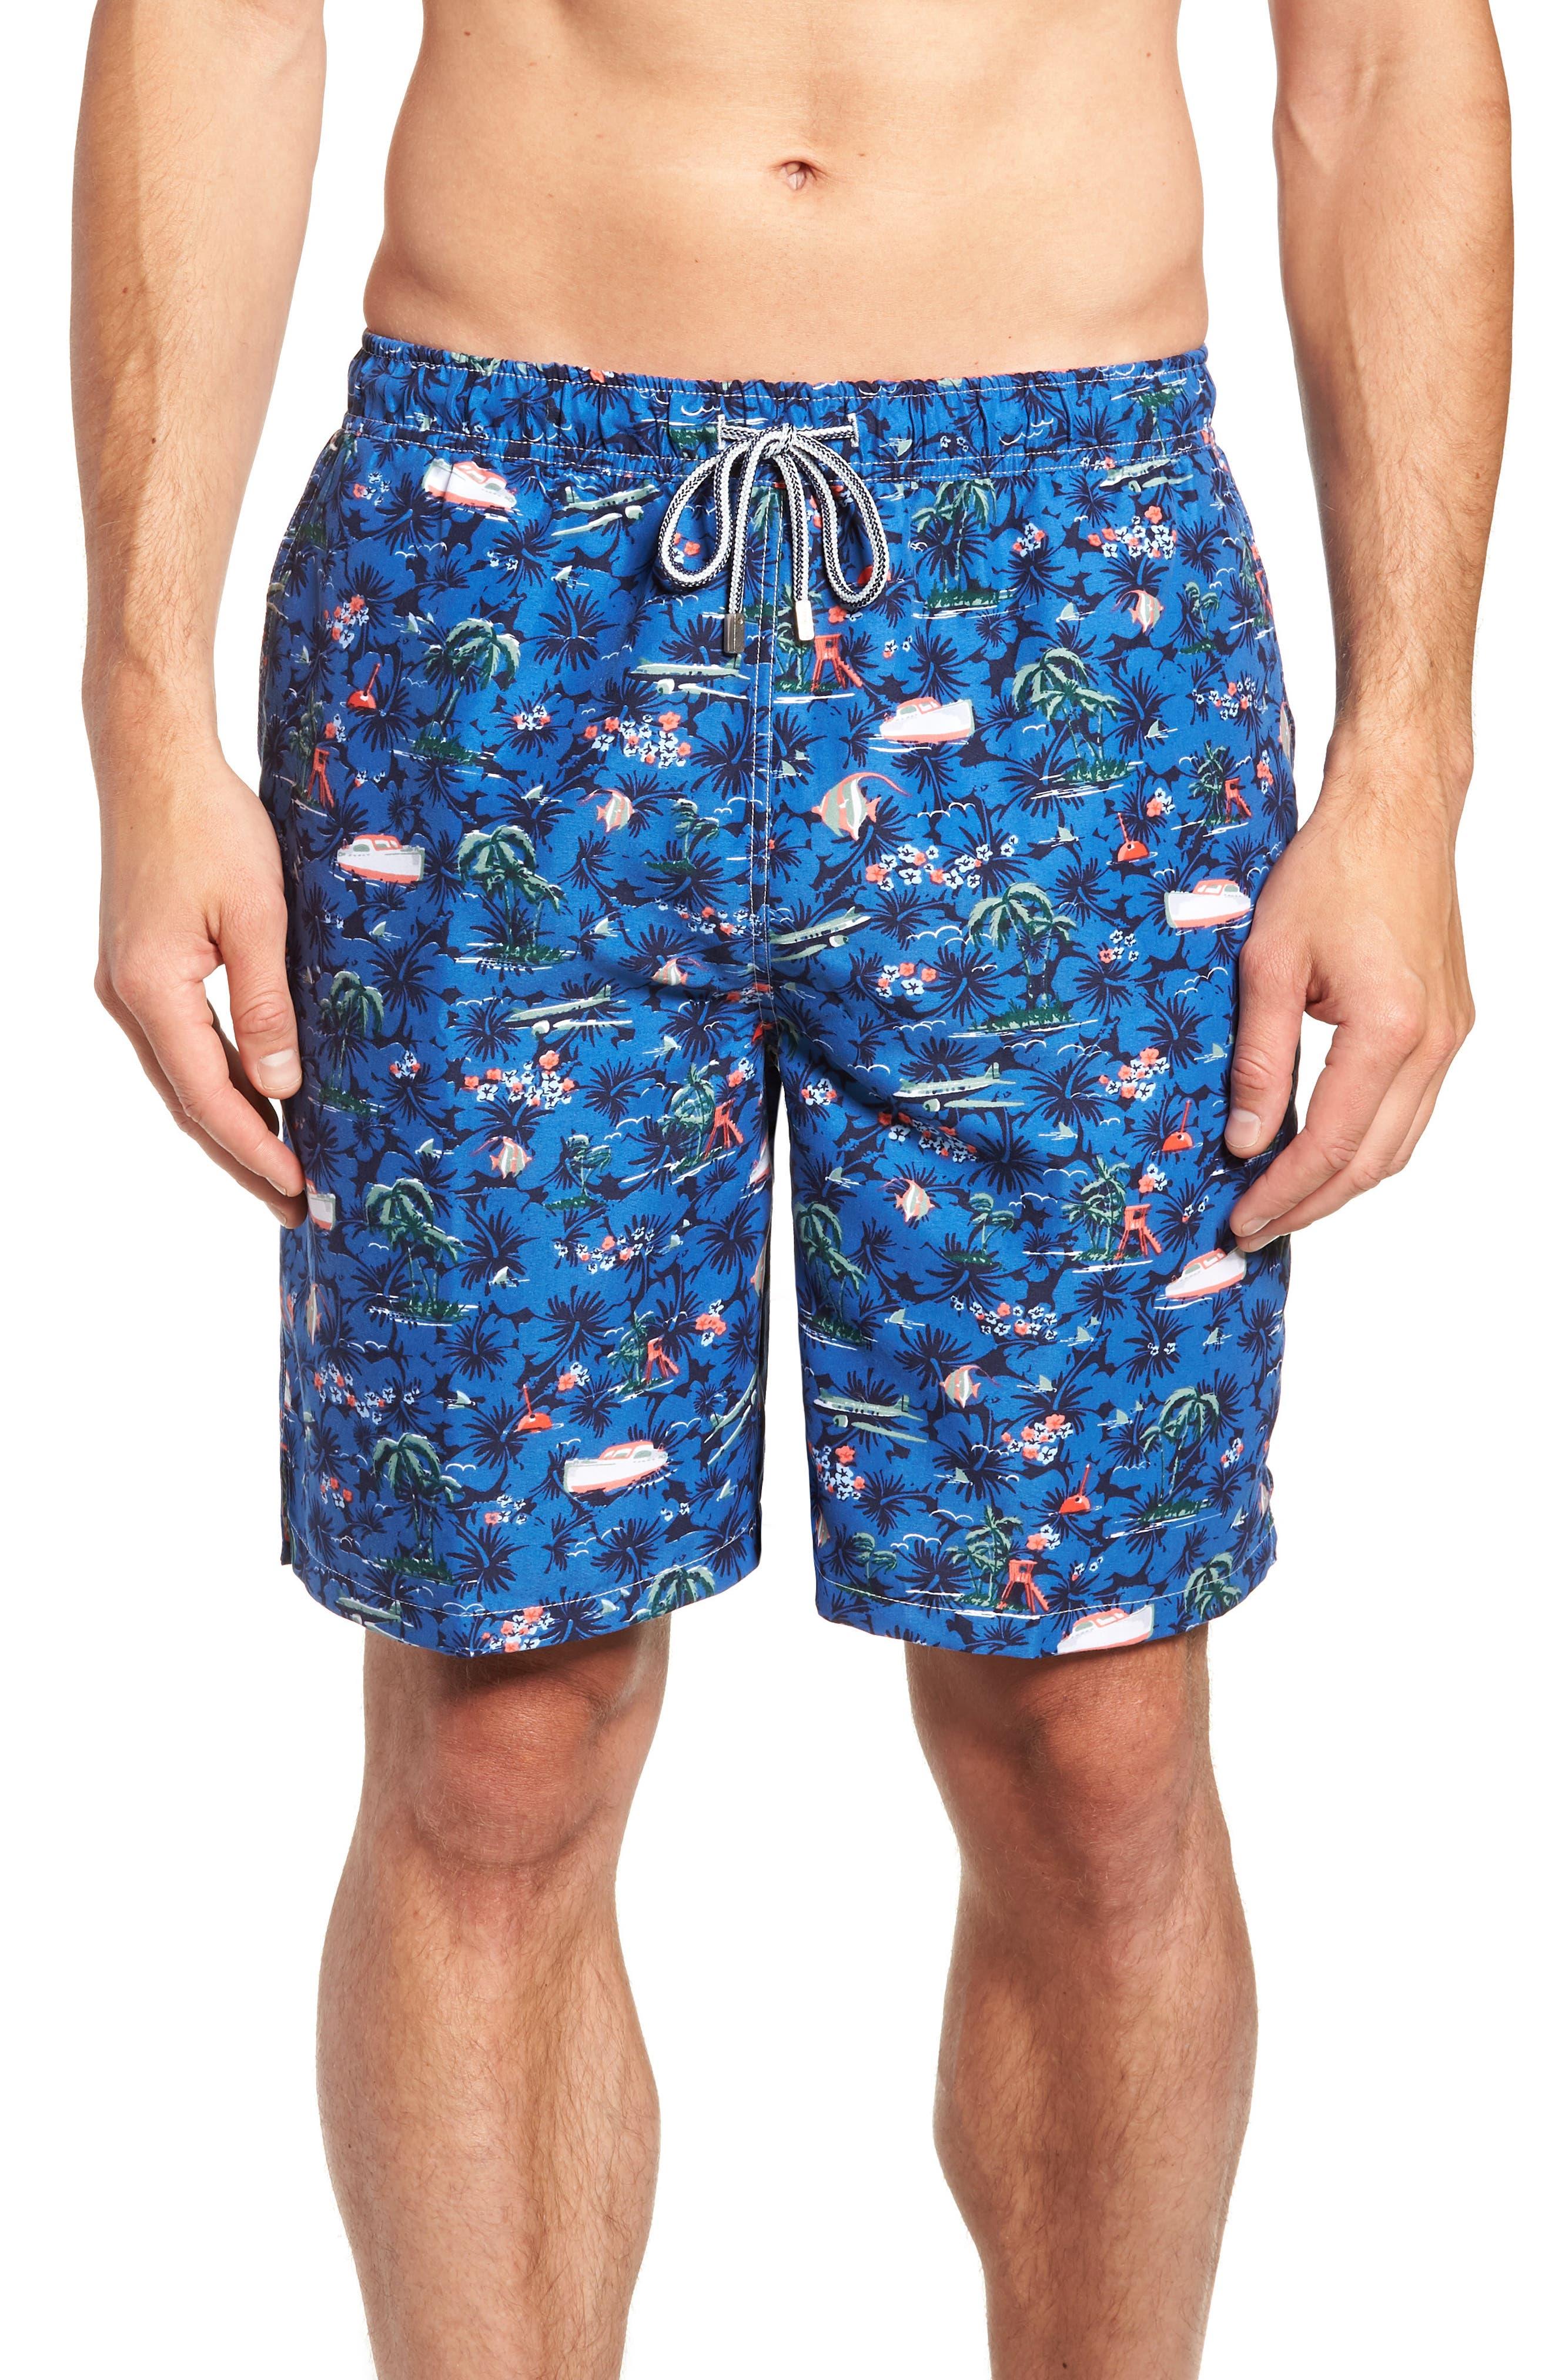 Hawaiian Express Swim Trunks,                             Main thumbnail 1, color,                             BLUE